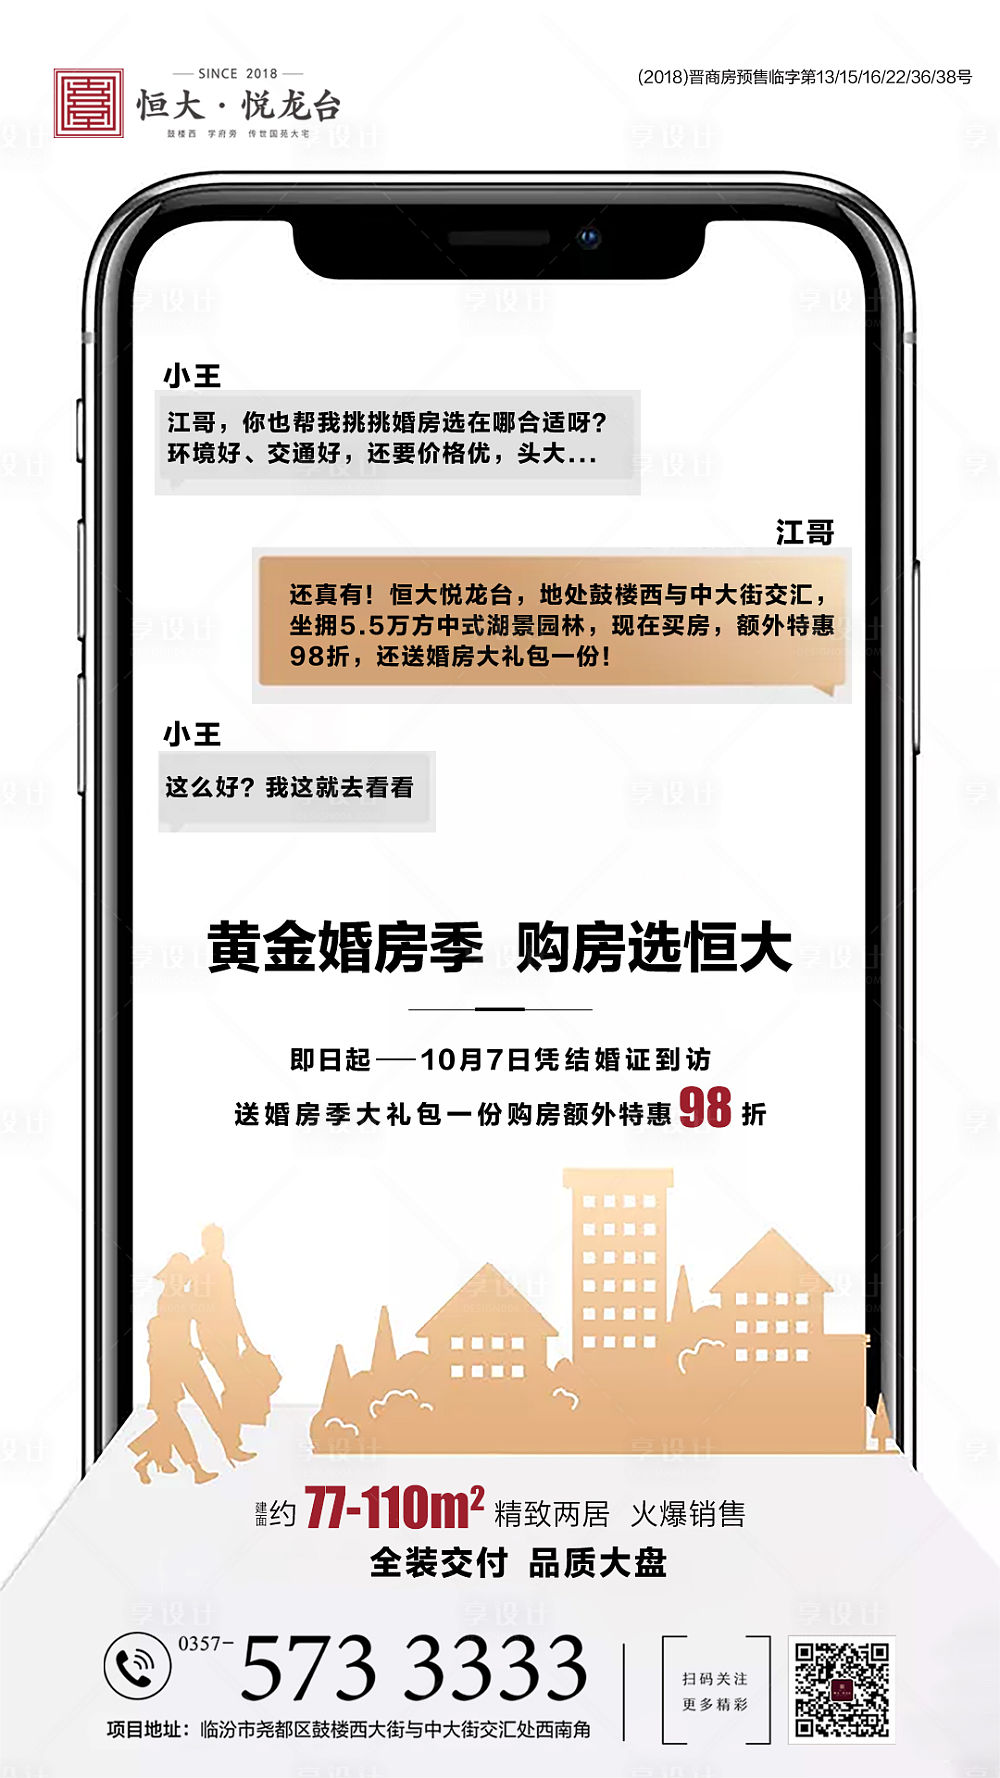 【源文件下载】 海报 房地产 对话 创意 手机 剪纸风